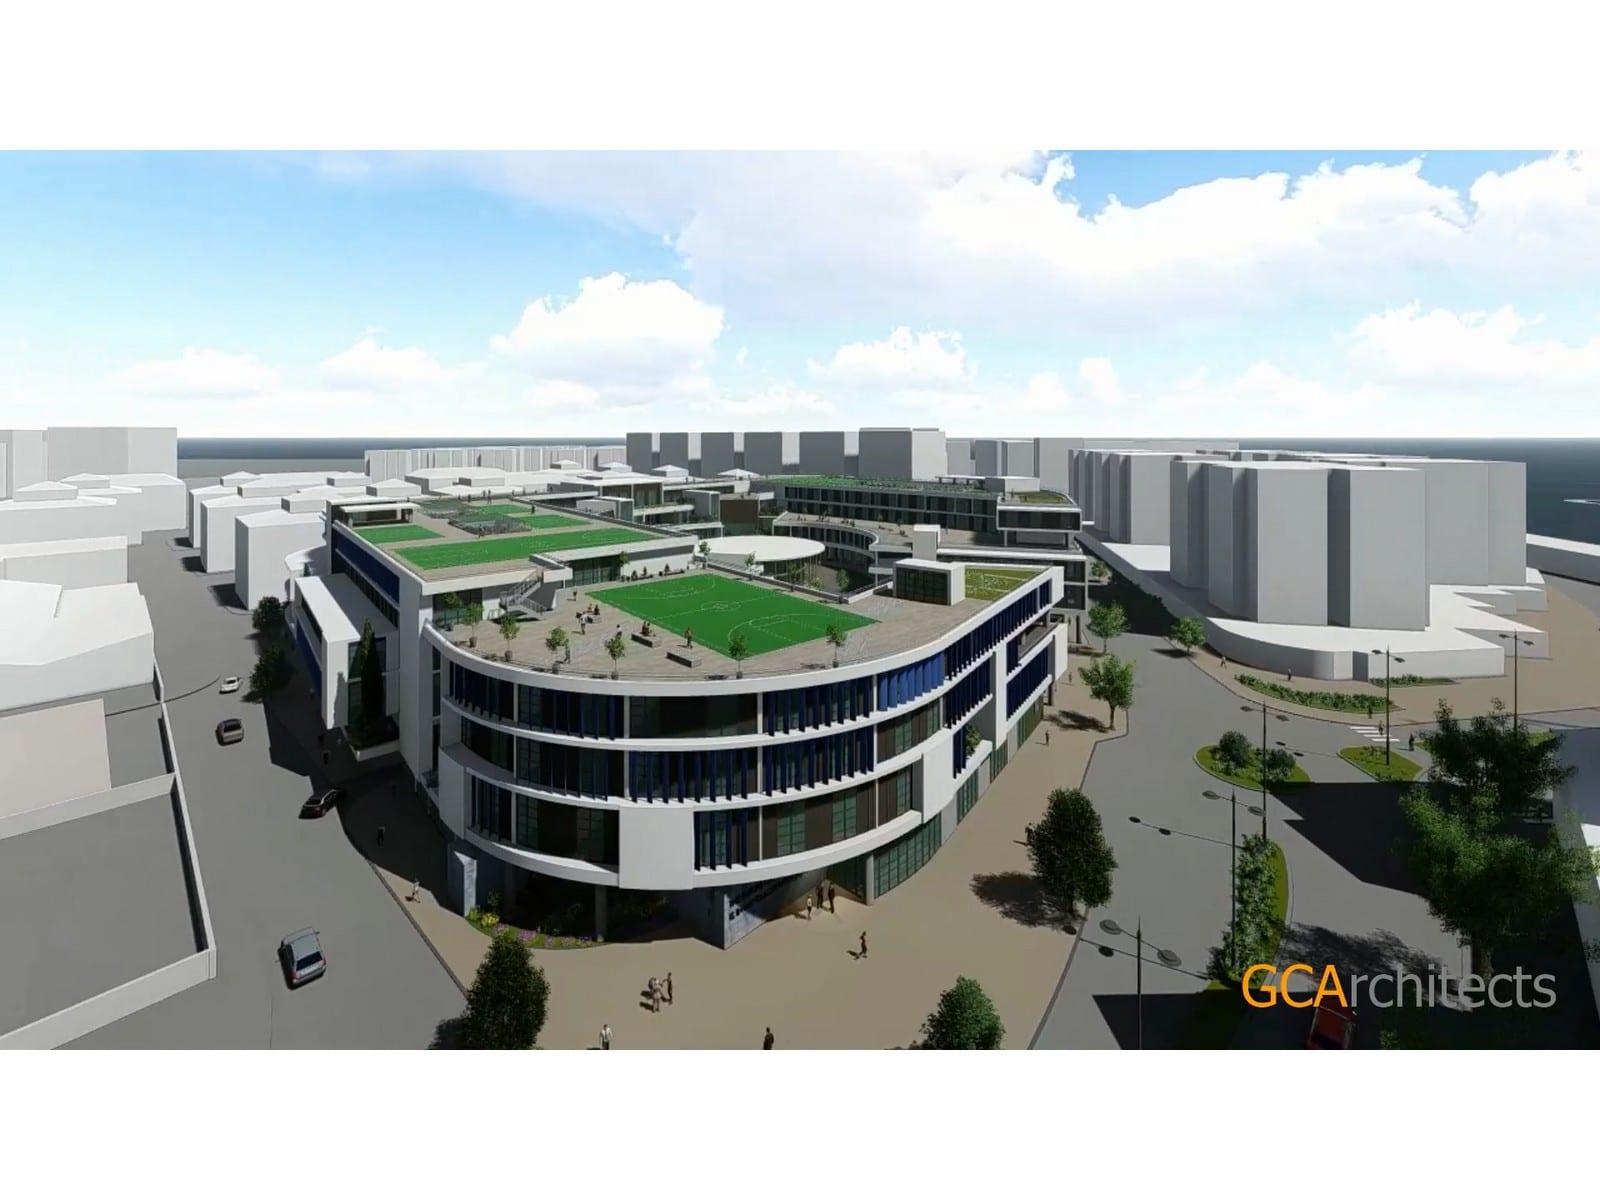 proyecto-de-construccin-de-las-dos-nuevas-escuelas-de-bayside-y-westside-en-waterport-gibraltar_27712734998_o